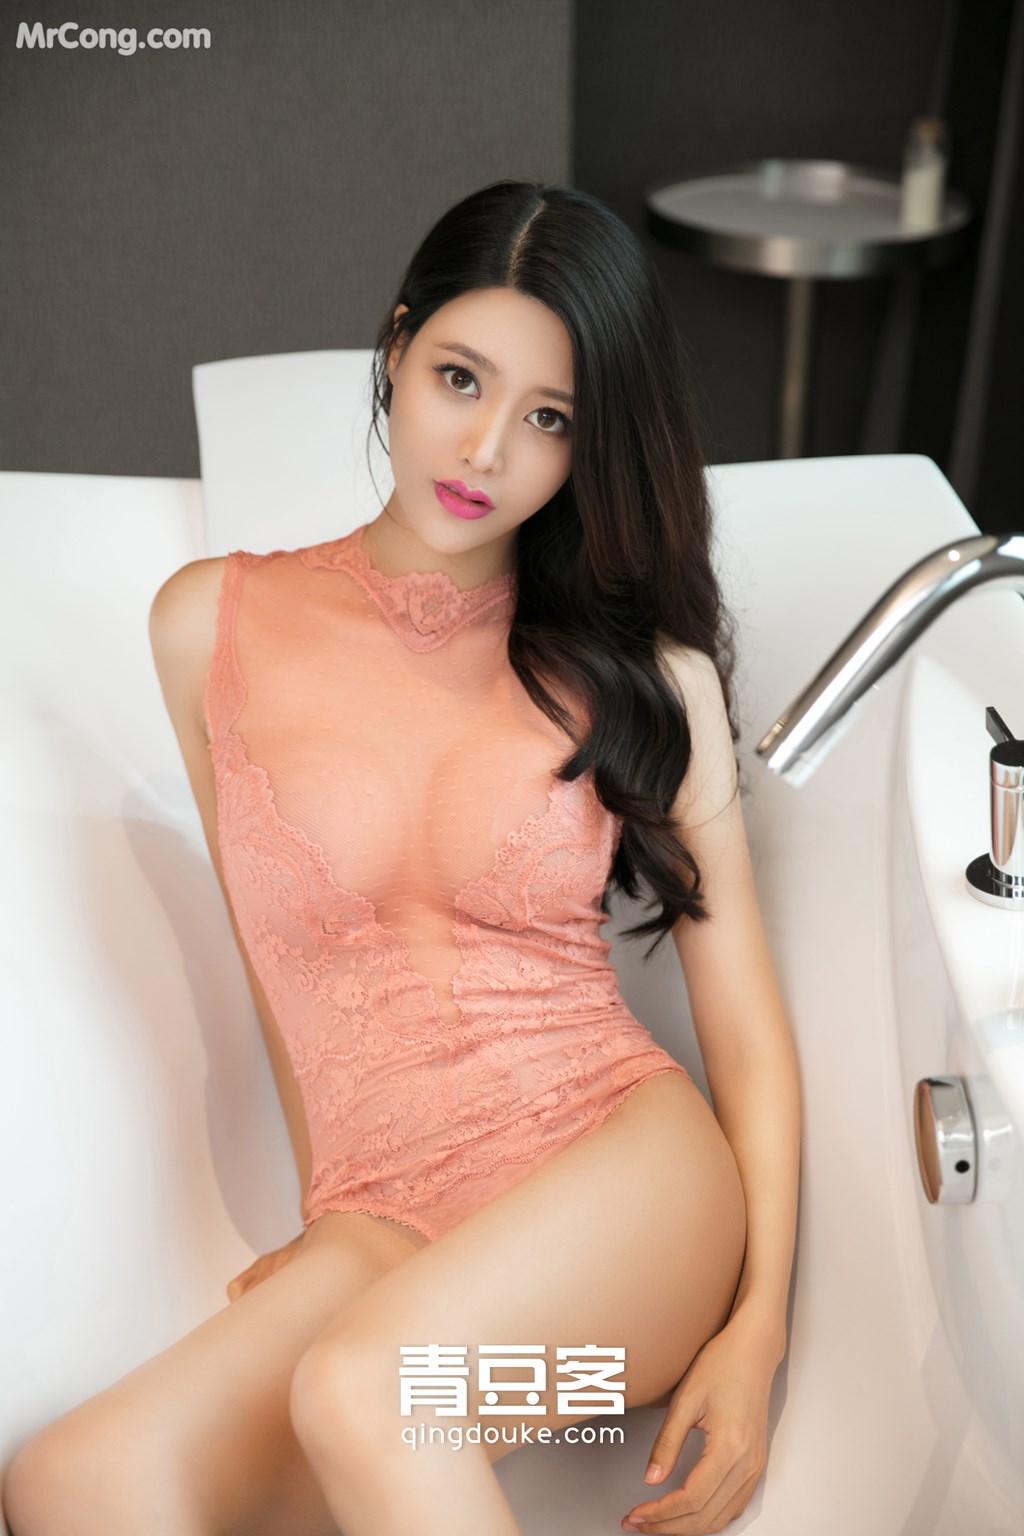 Image QingDouKe-2017-10-31-Li-Xiao-Ran-MrCong.com-002 in post QingDouKe 2017-10-31: Người mẫu Li Xiao Ran (李小冉) (51 ảnh)